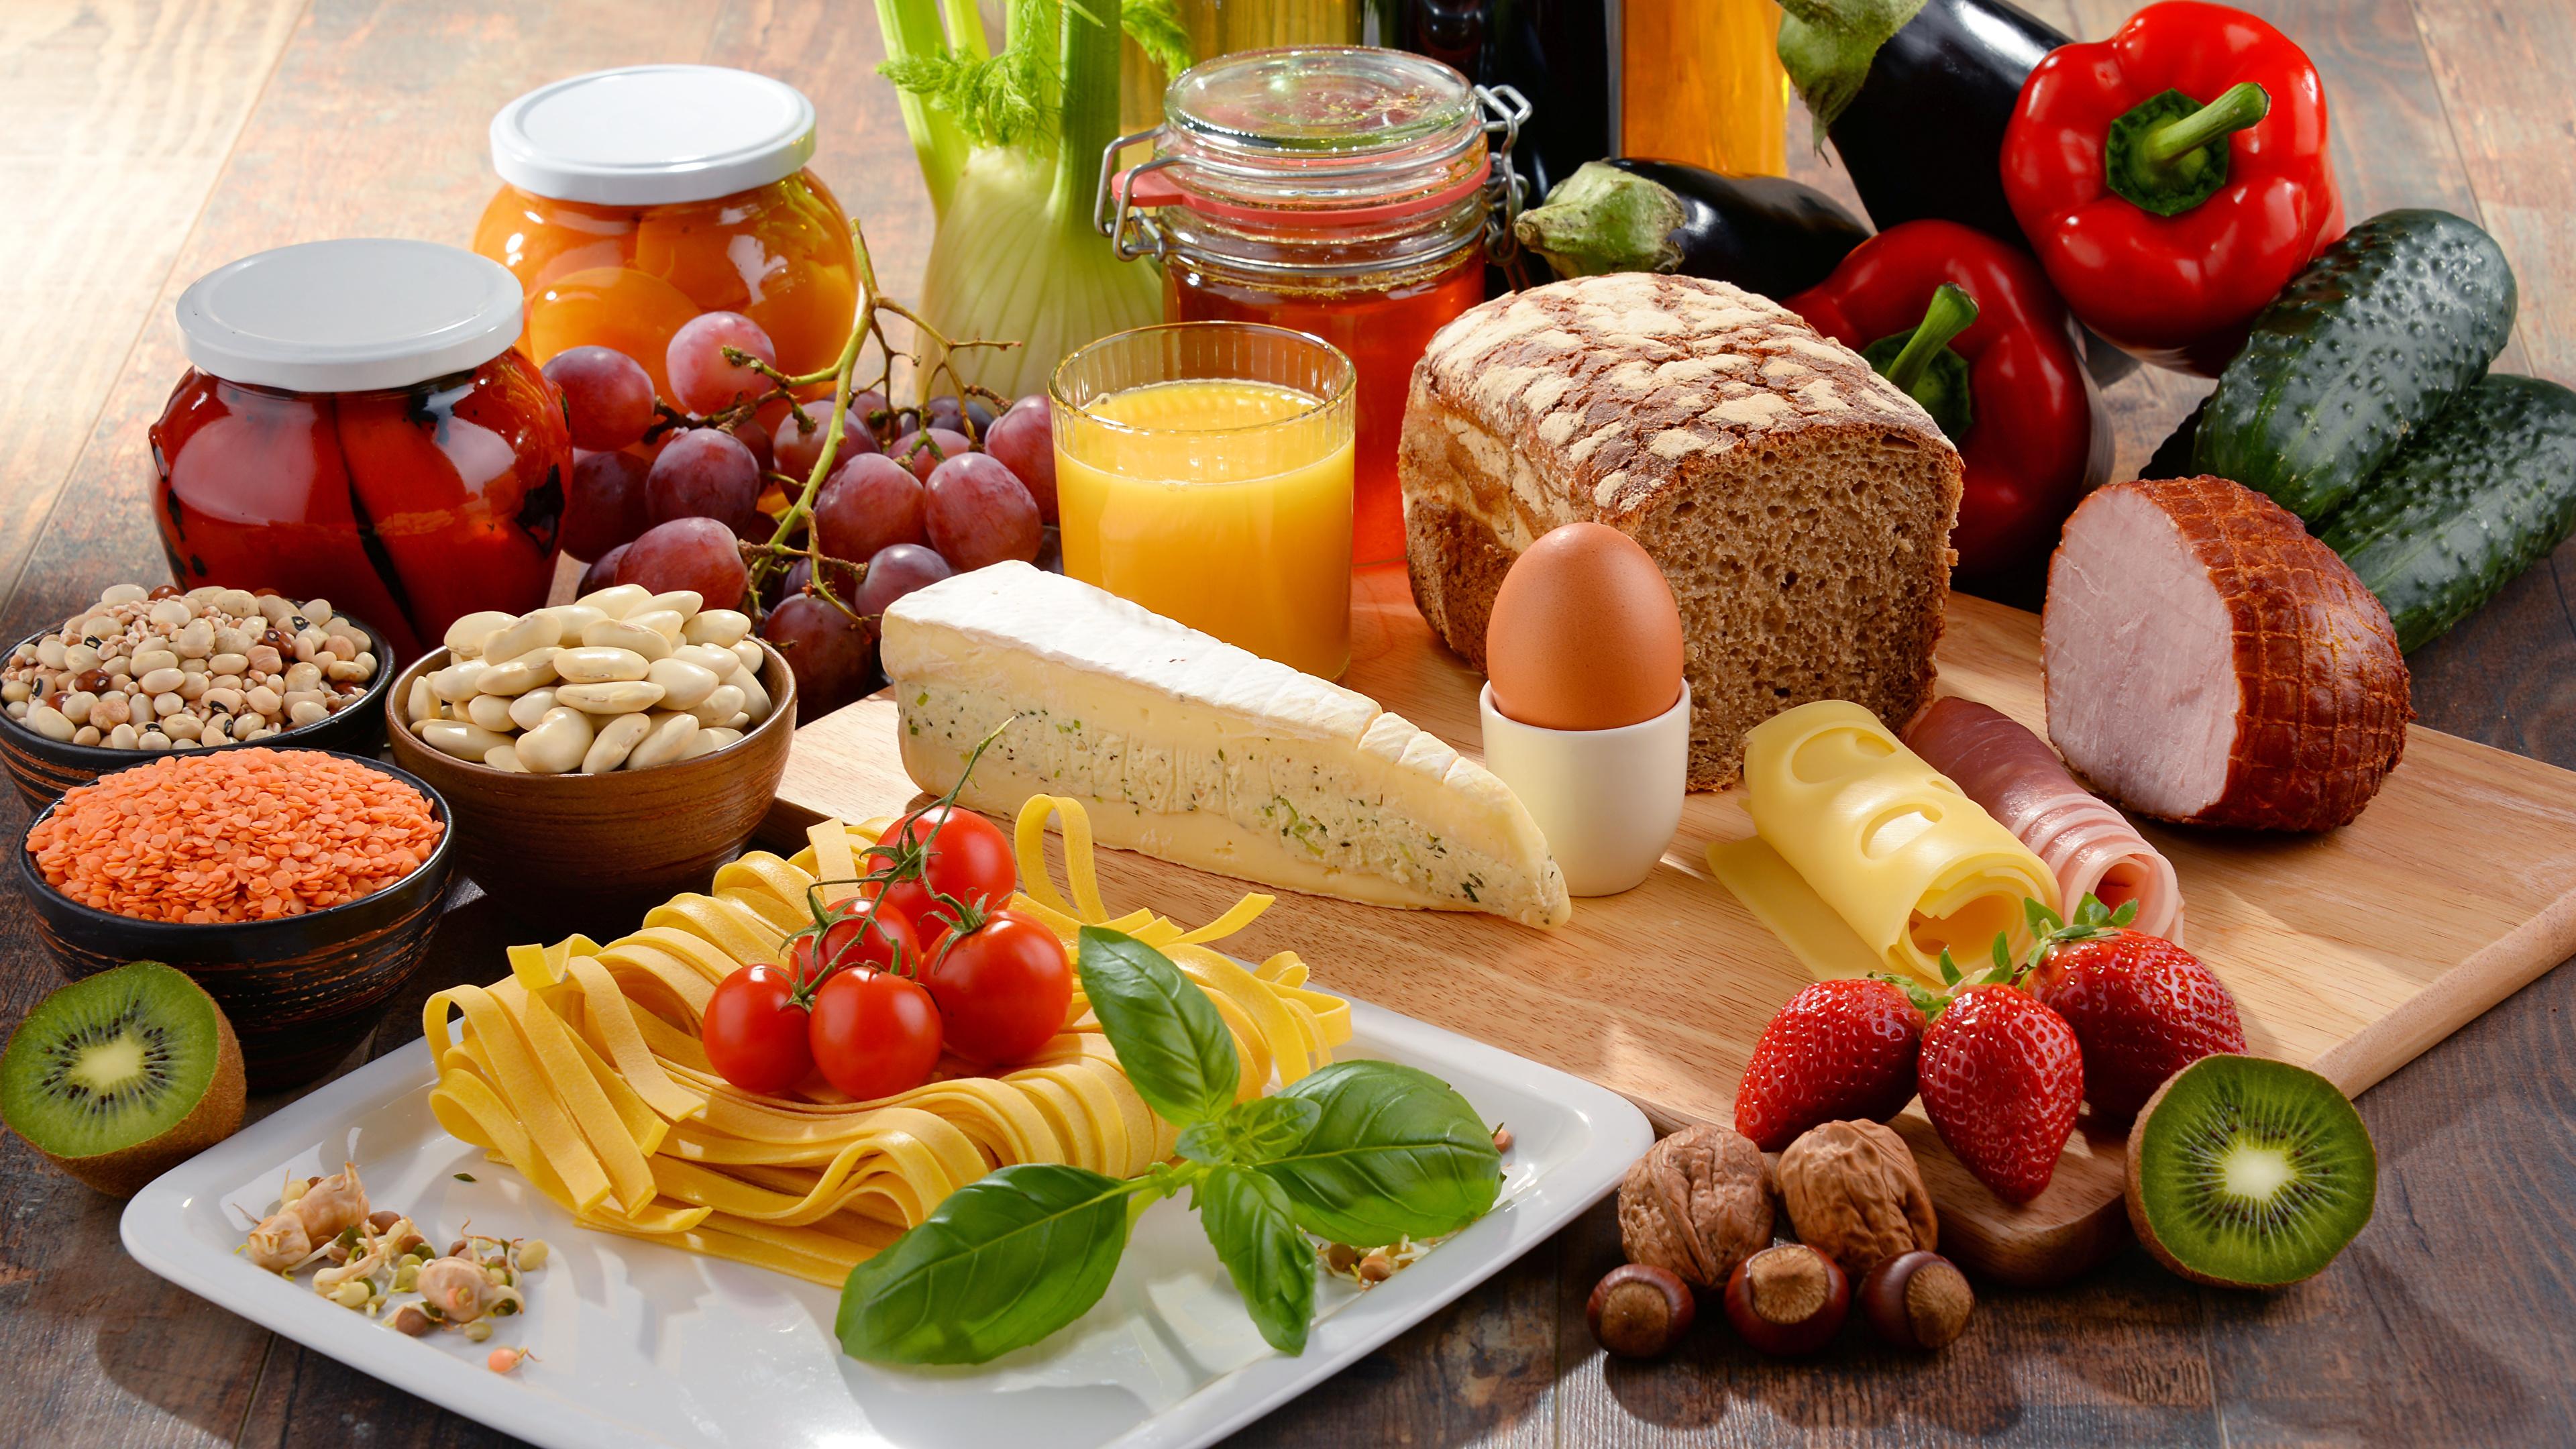 Кировская область вошла в двадцатку регионов с низкими темпами роста цен на продукты.